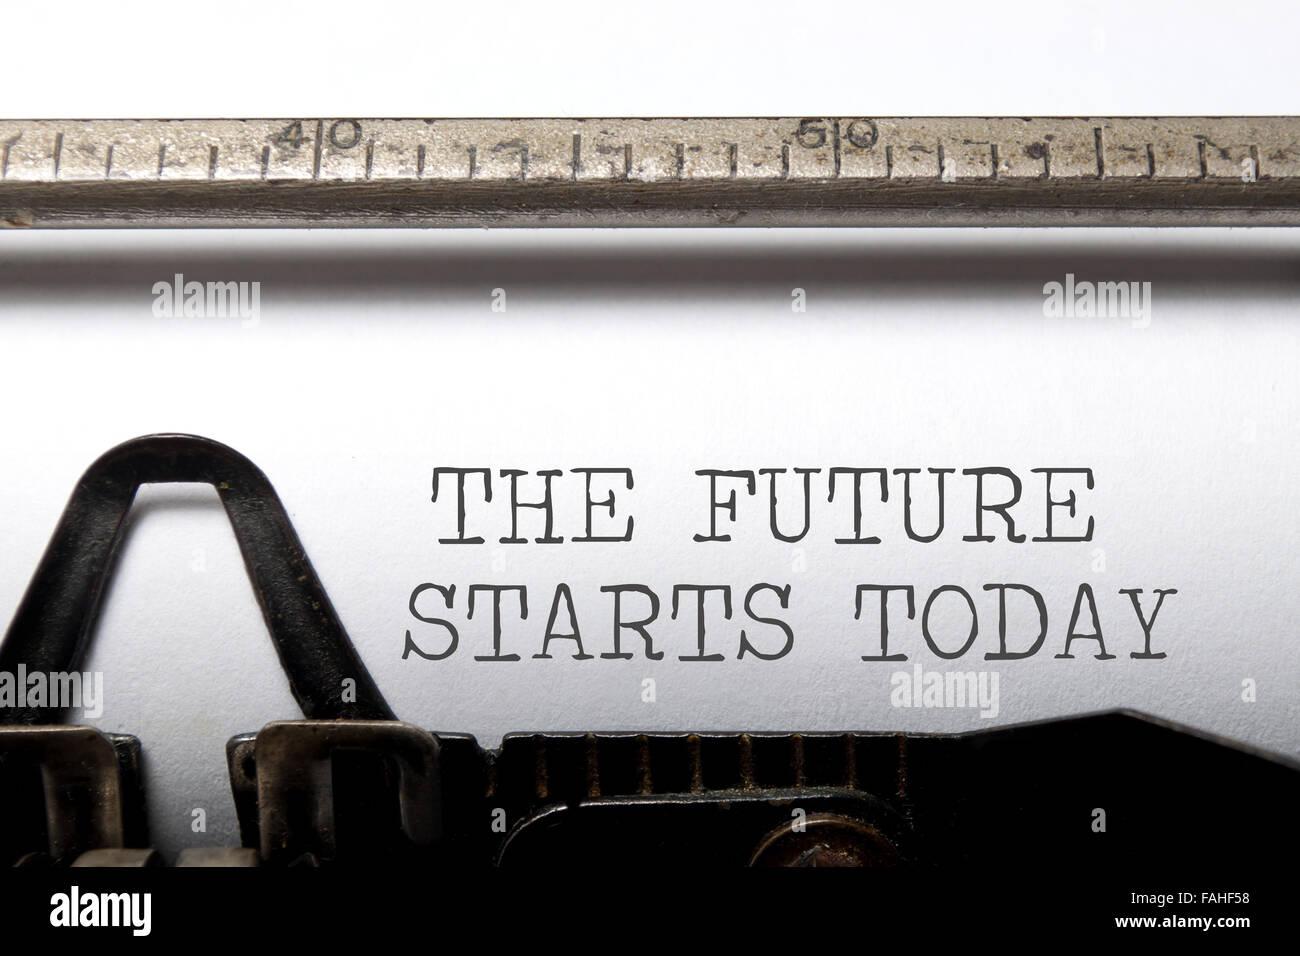 El futuro empieza hoy diciendo motivacional Imagen De Stock